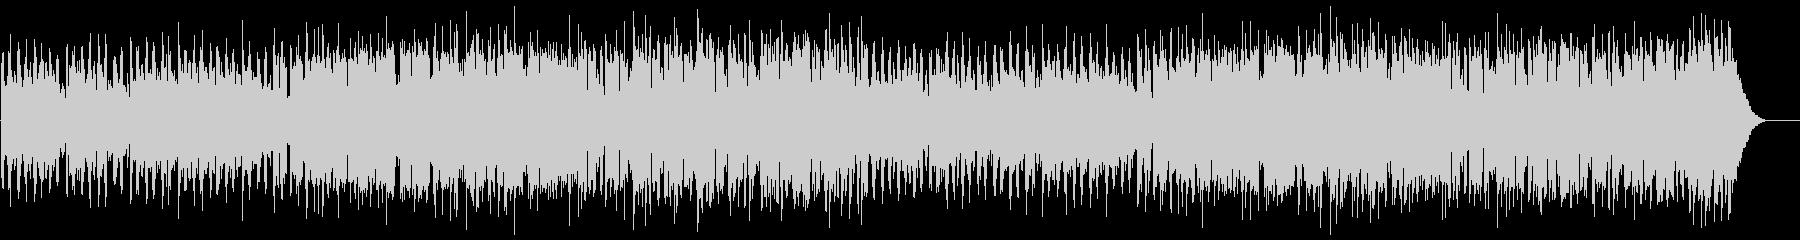 不思議でスタイリッシュなBGMの未再生の波形